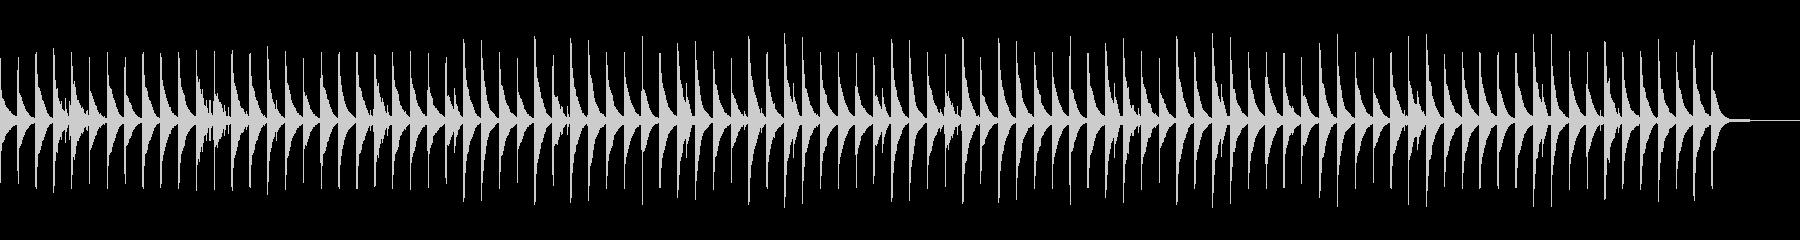 まったりしてなかなかやる気が起きない曲の未再生の波形